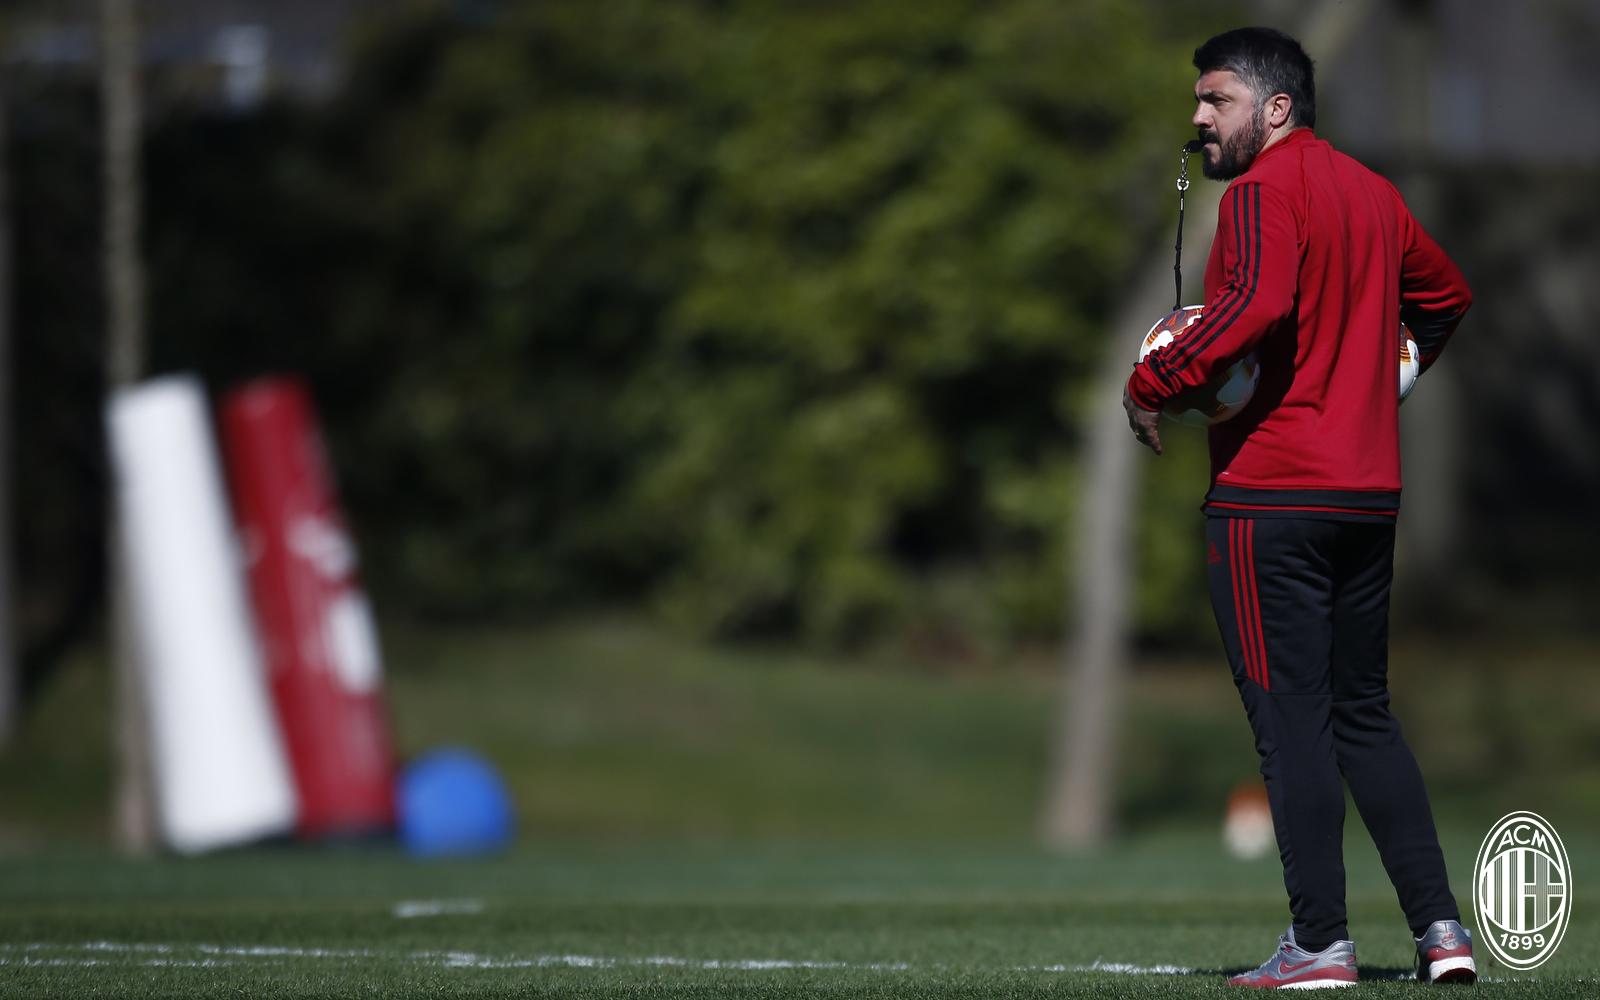 Milan 'liệt cánh' phải trước màn tái đấu Arsenal - Bóng Đá